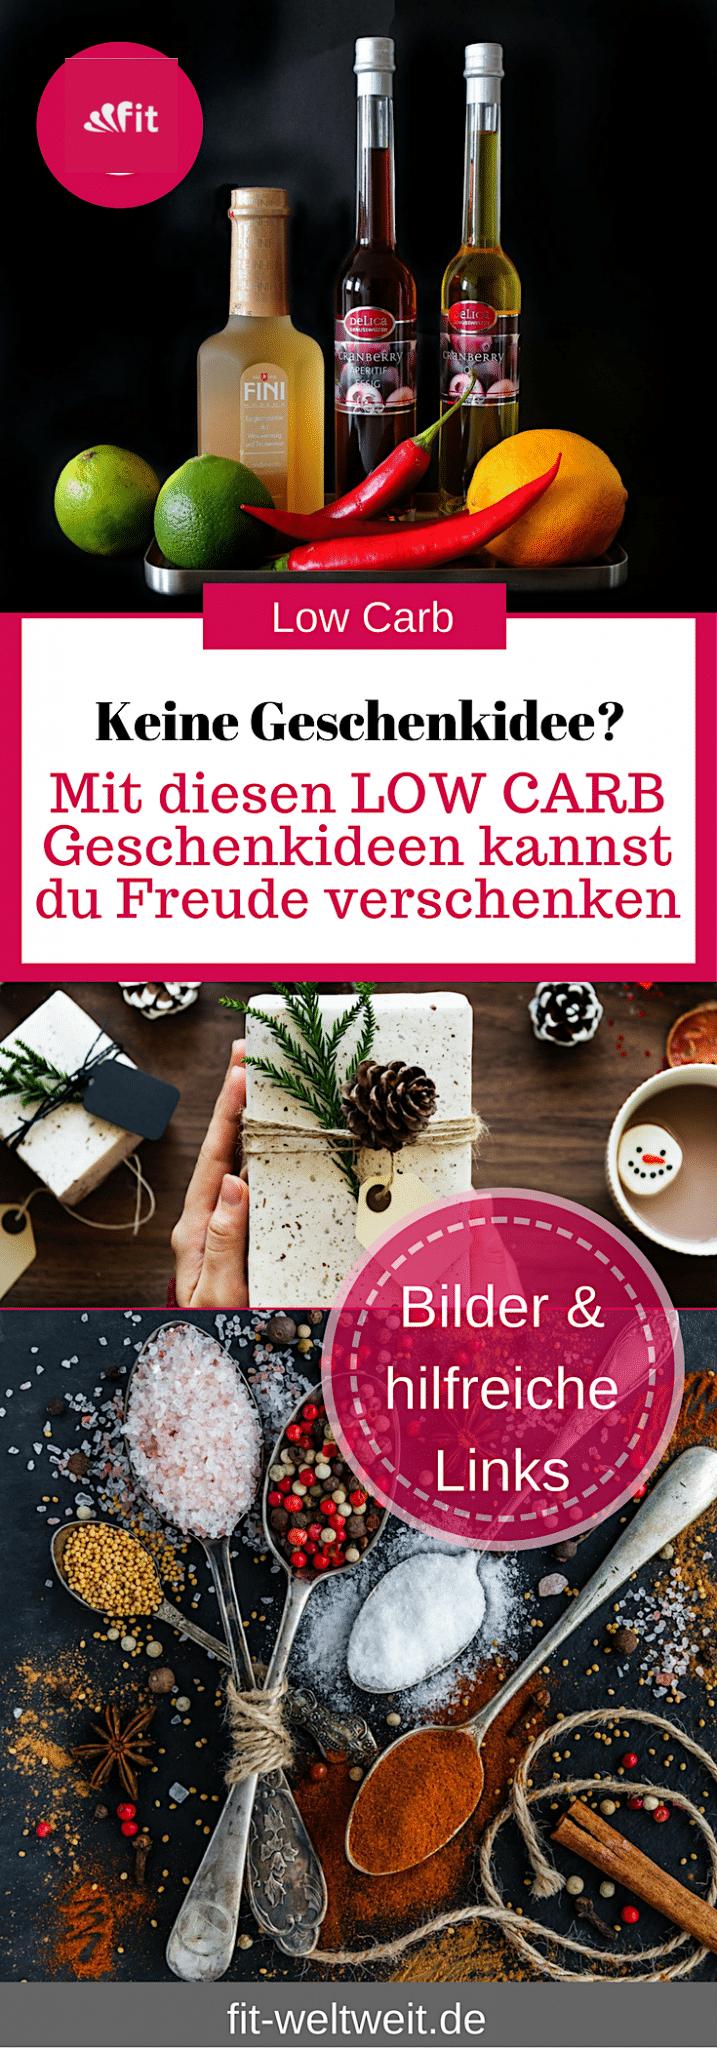 Die besten LOW CARB Geschenkideen zu Weihnachten (Diabetiker, Küche ...